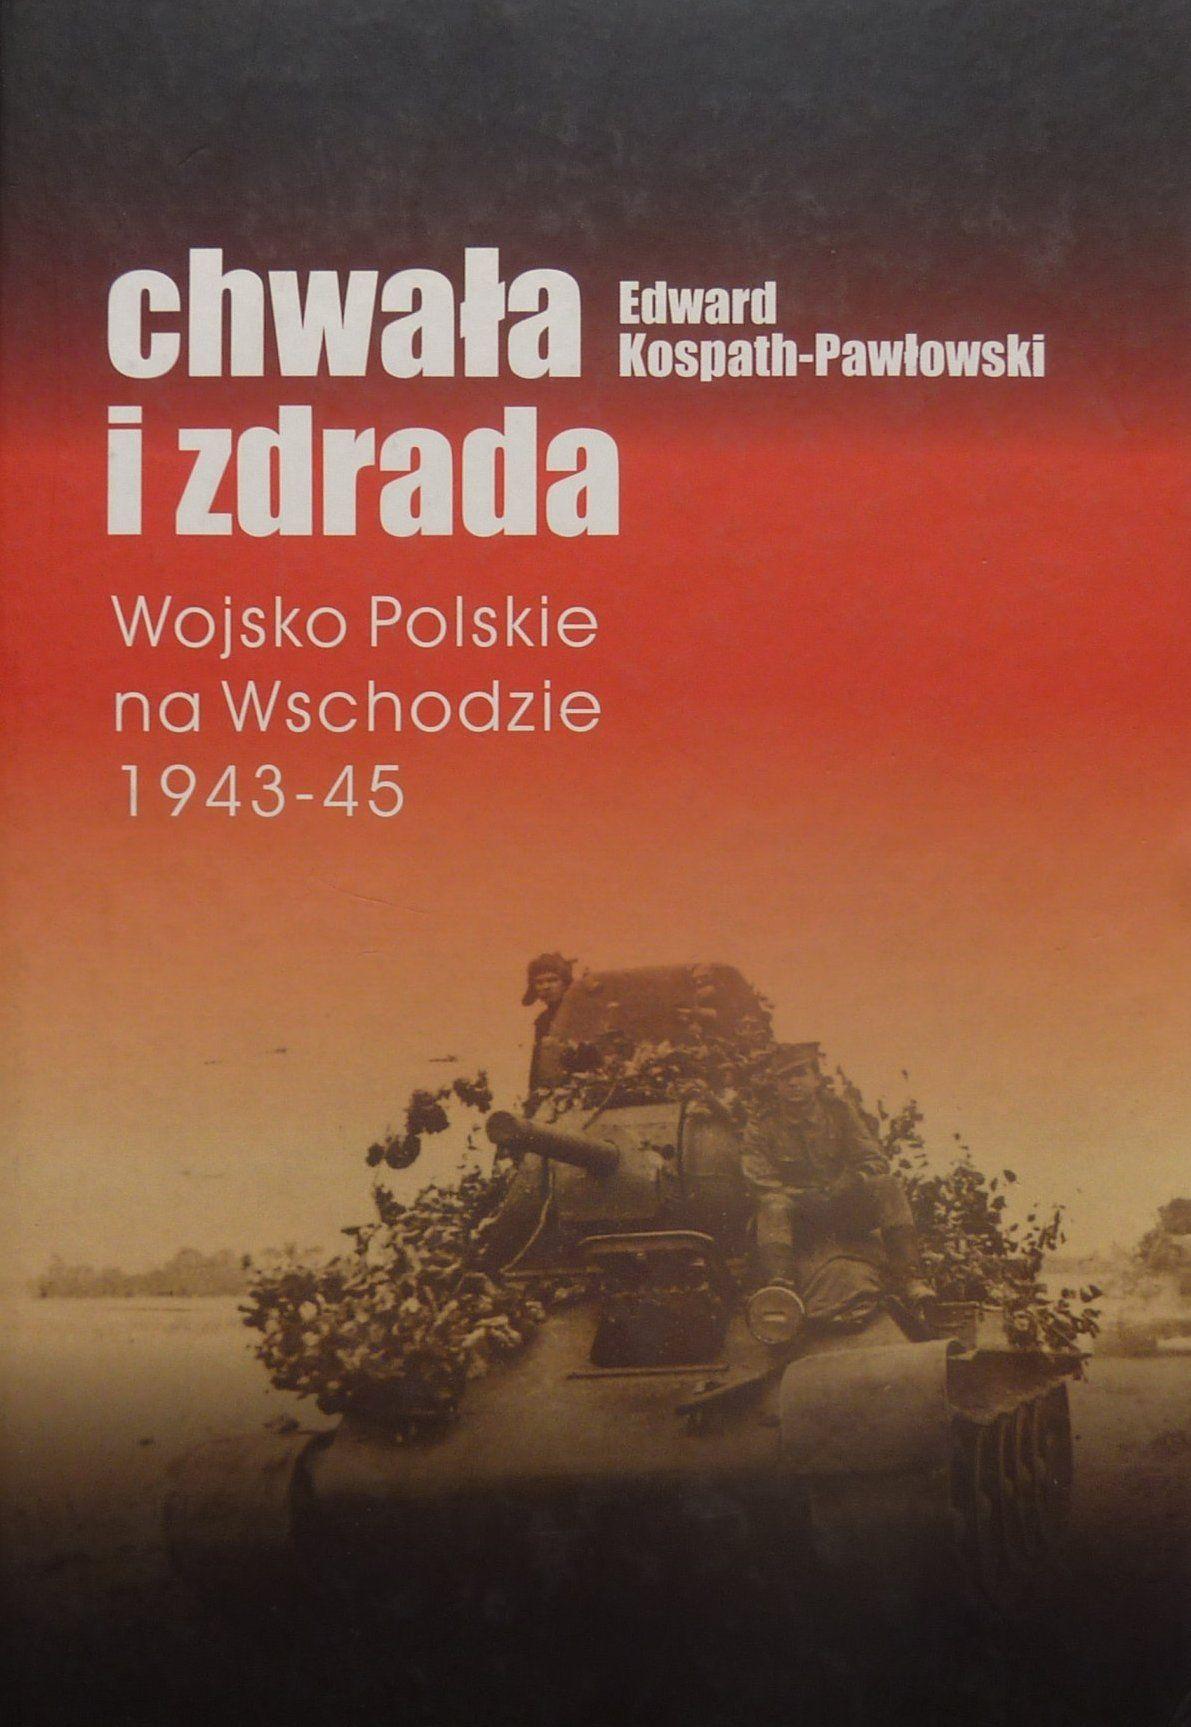 """Artykuł został oparty między innymi na książce Edwarda Kospath-Pawłowskiego podtytułem """"Chwała i zdrada. Wojsko Polskie na Wschodzie 1943-1945"""" (Wydawnictwo Inicjał 2010)."""